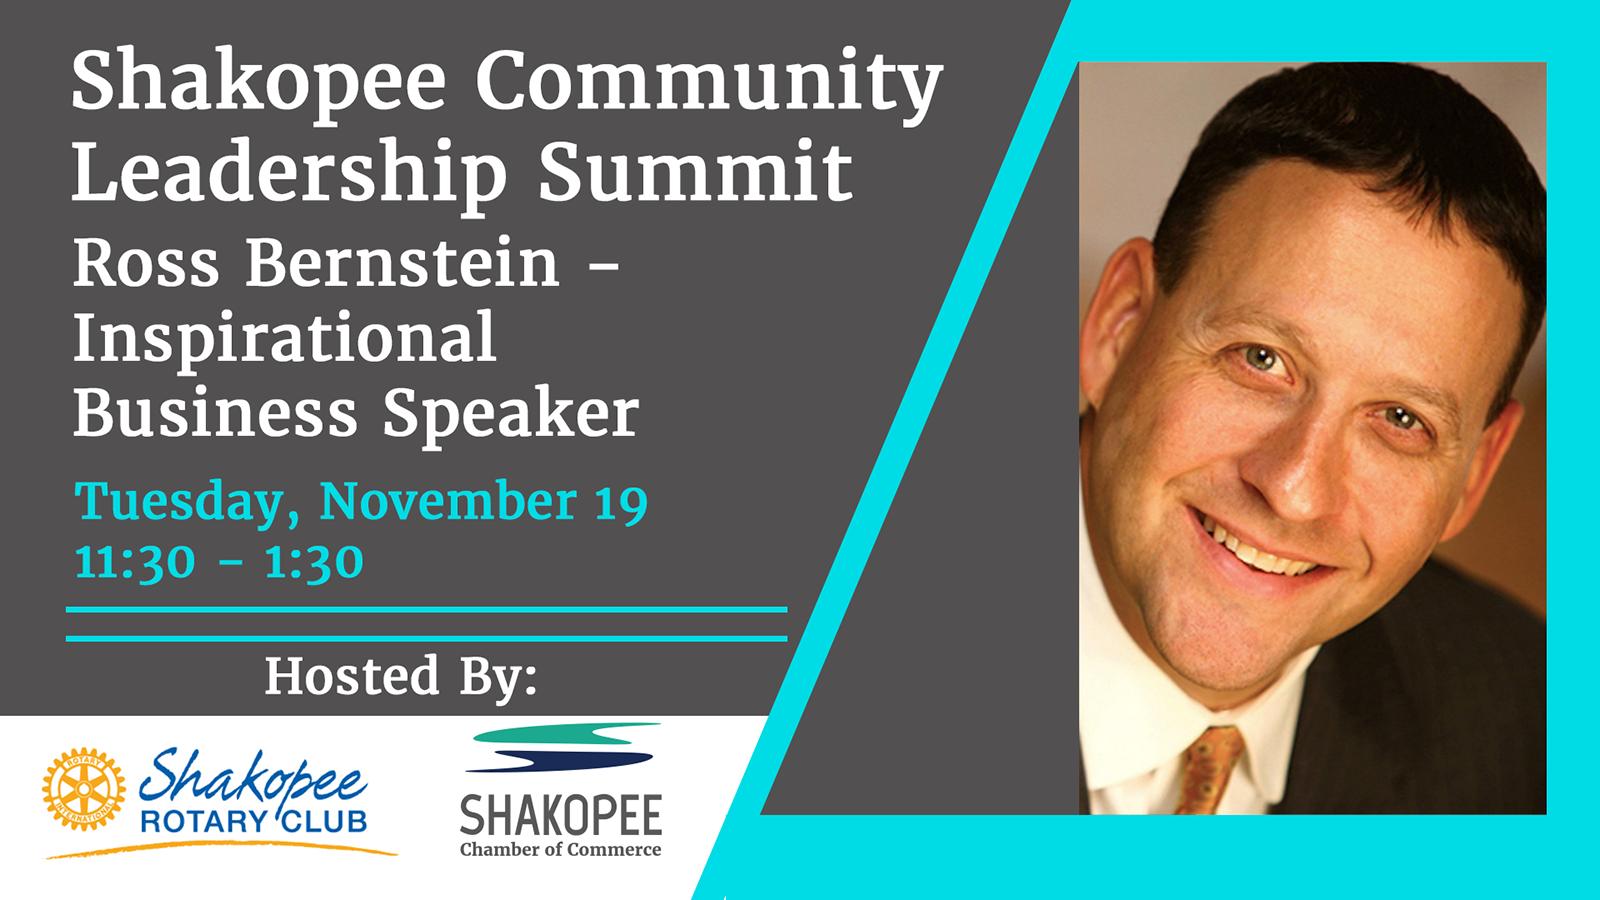 Shakopee Community Leadership Summit